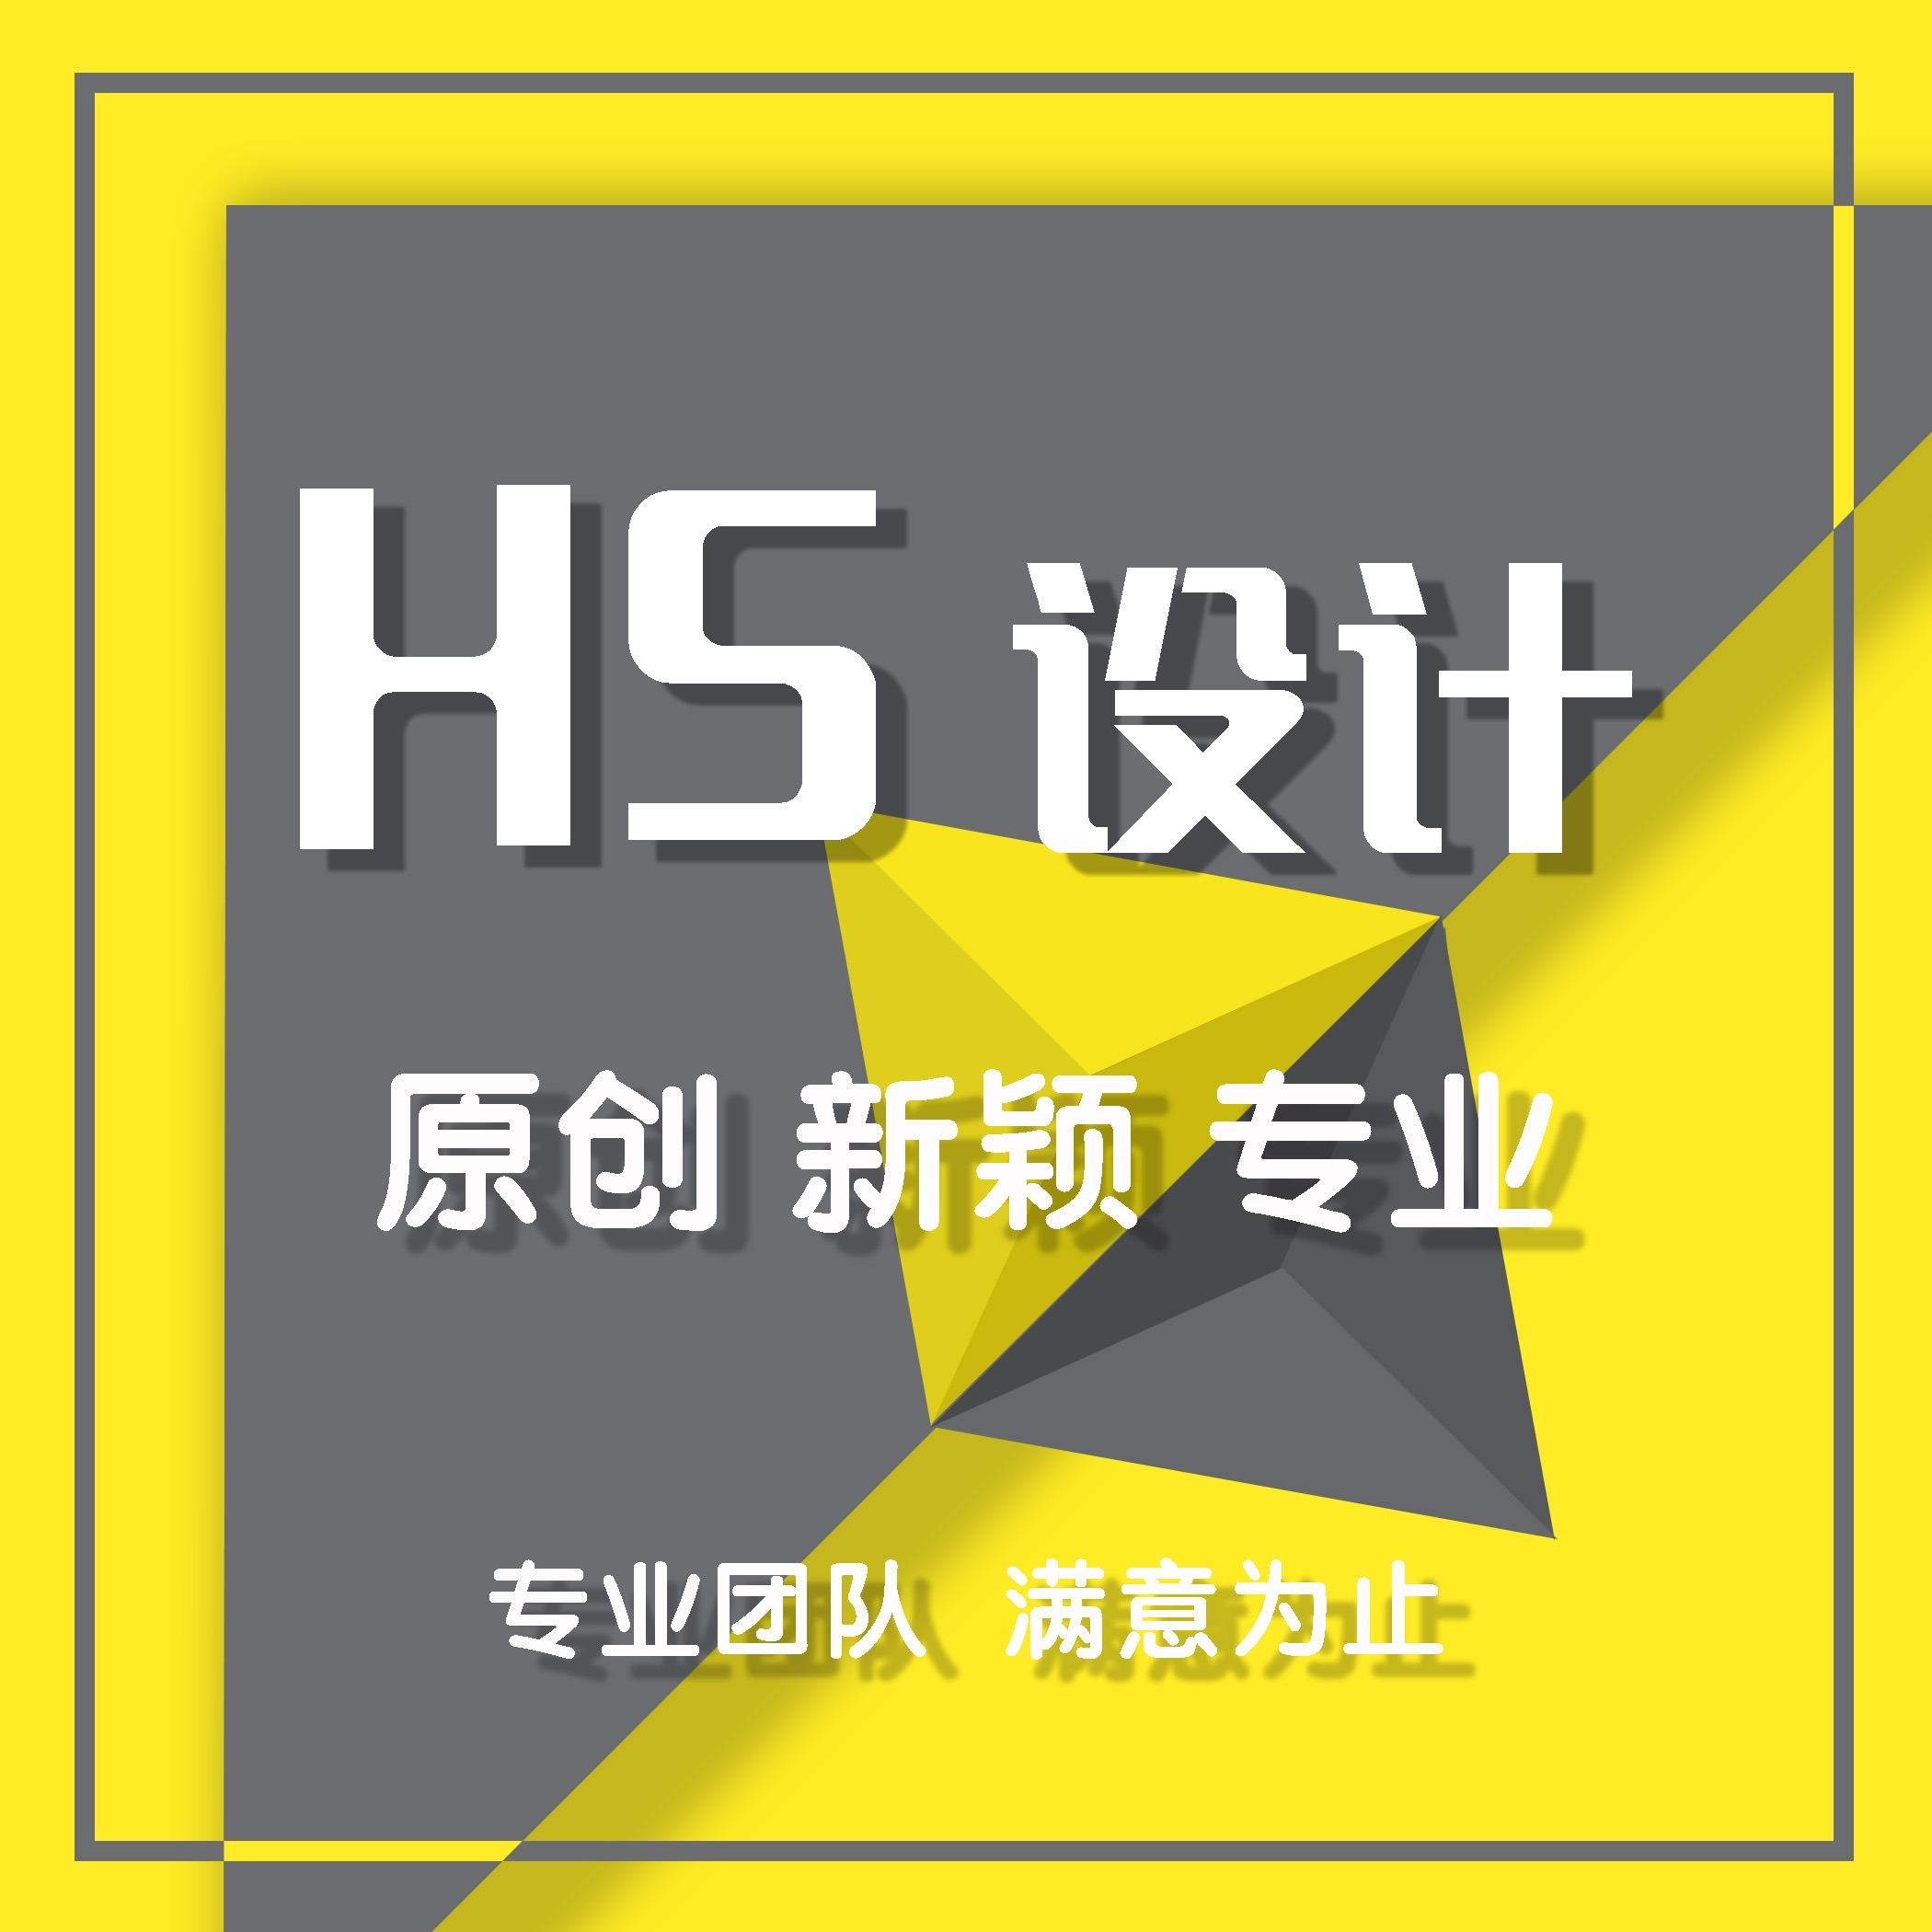 【H5设计】企业网站建设网页H5设计前端开发定制制作